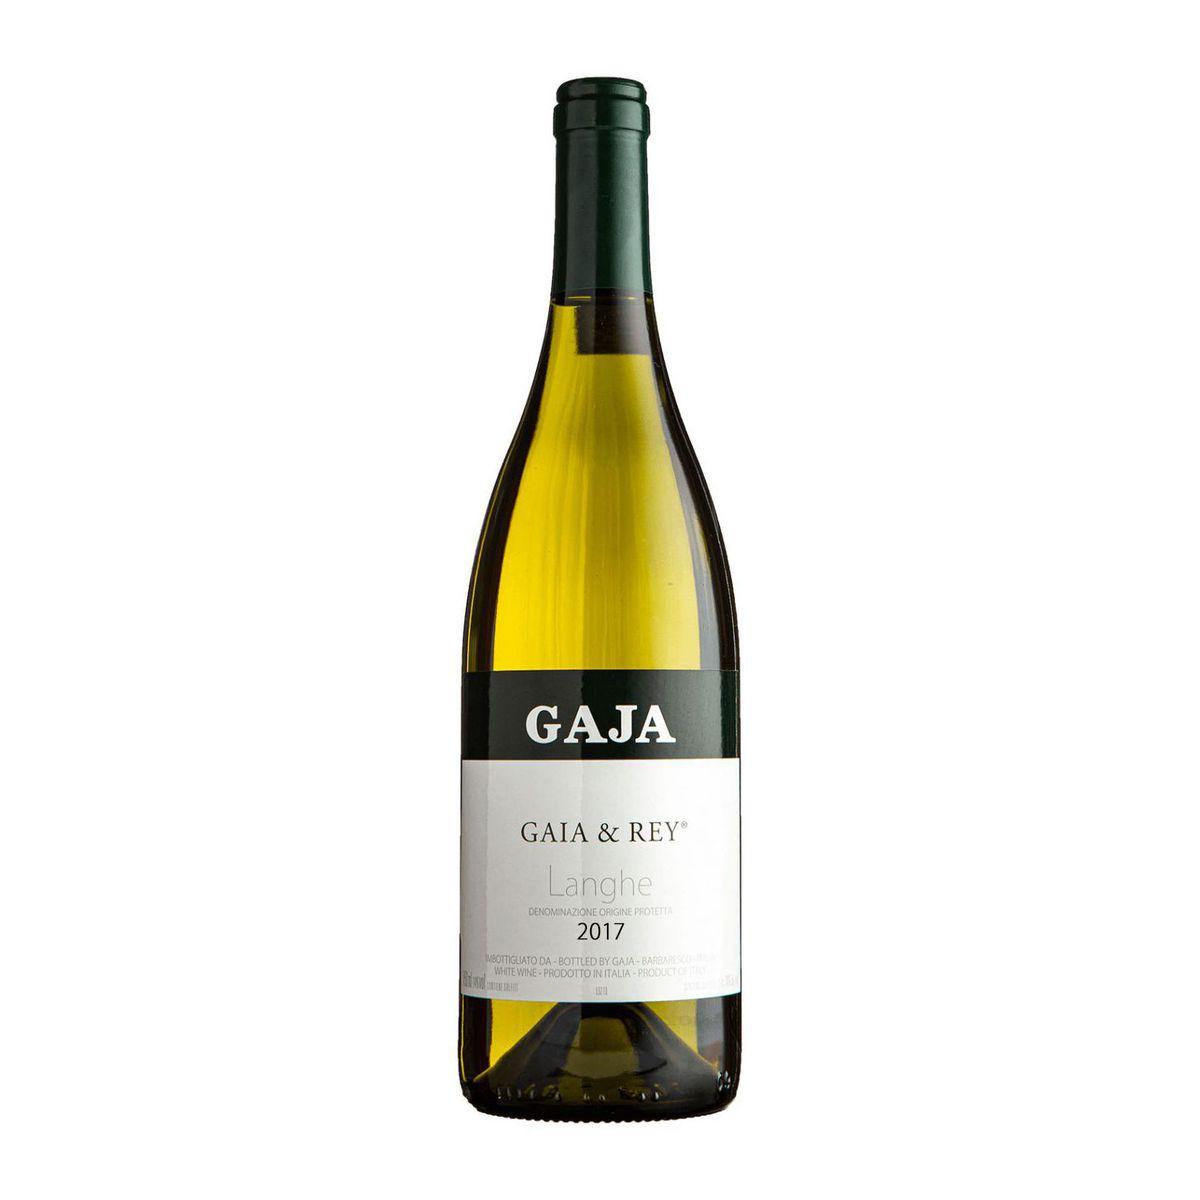 Gaia & Rey 2017 Gaja